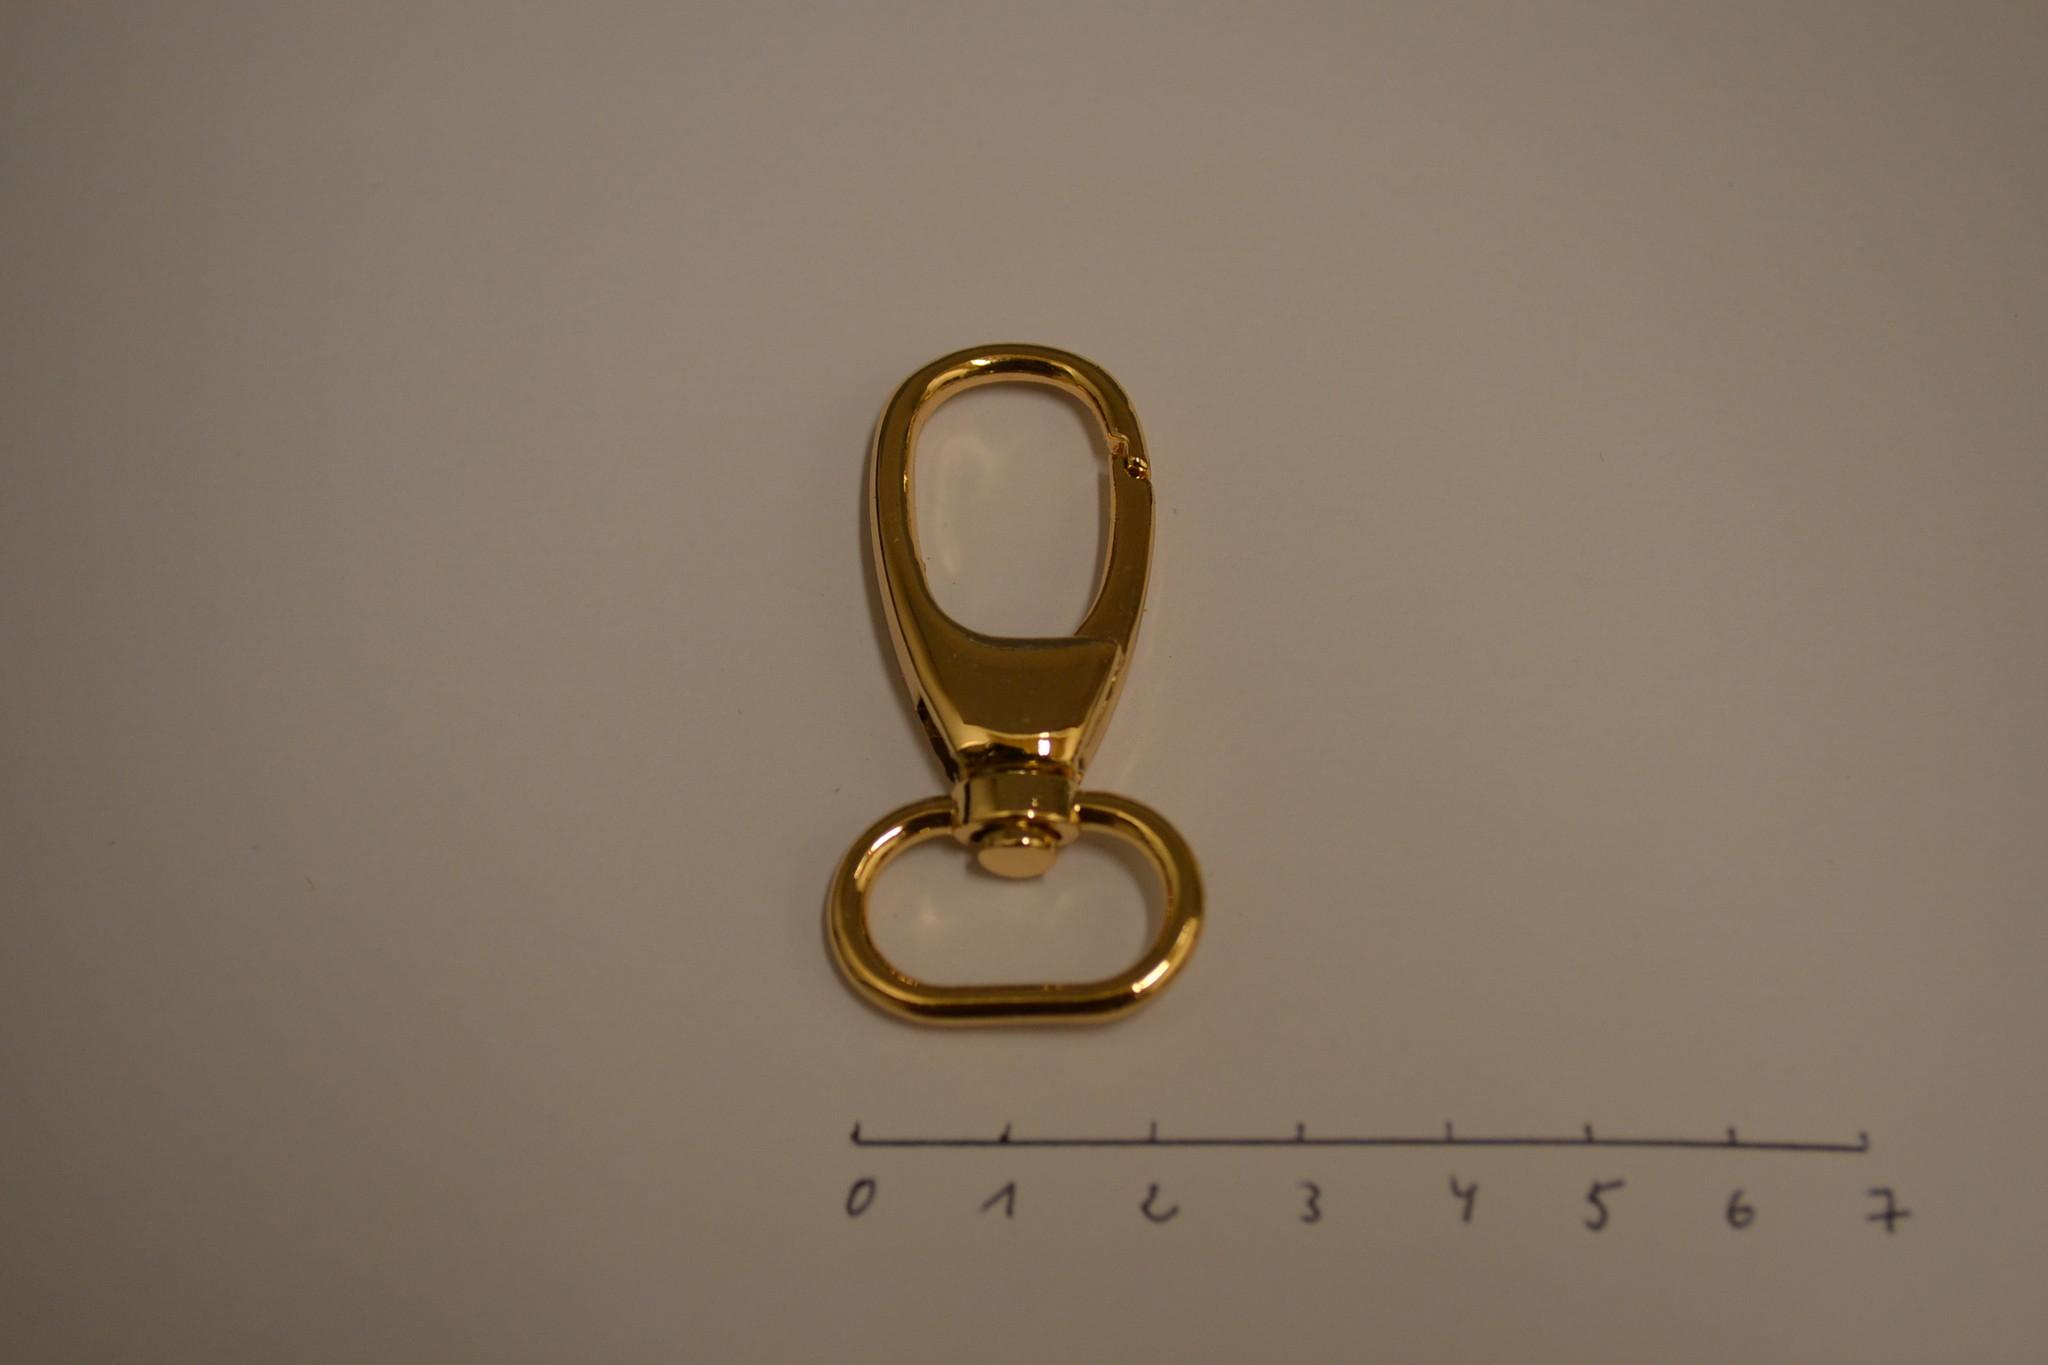 SC104 Musketonhaak 20mm rosé goud